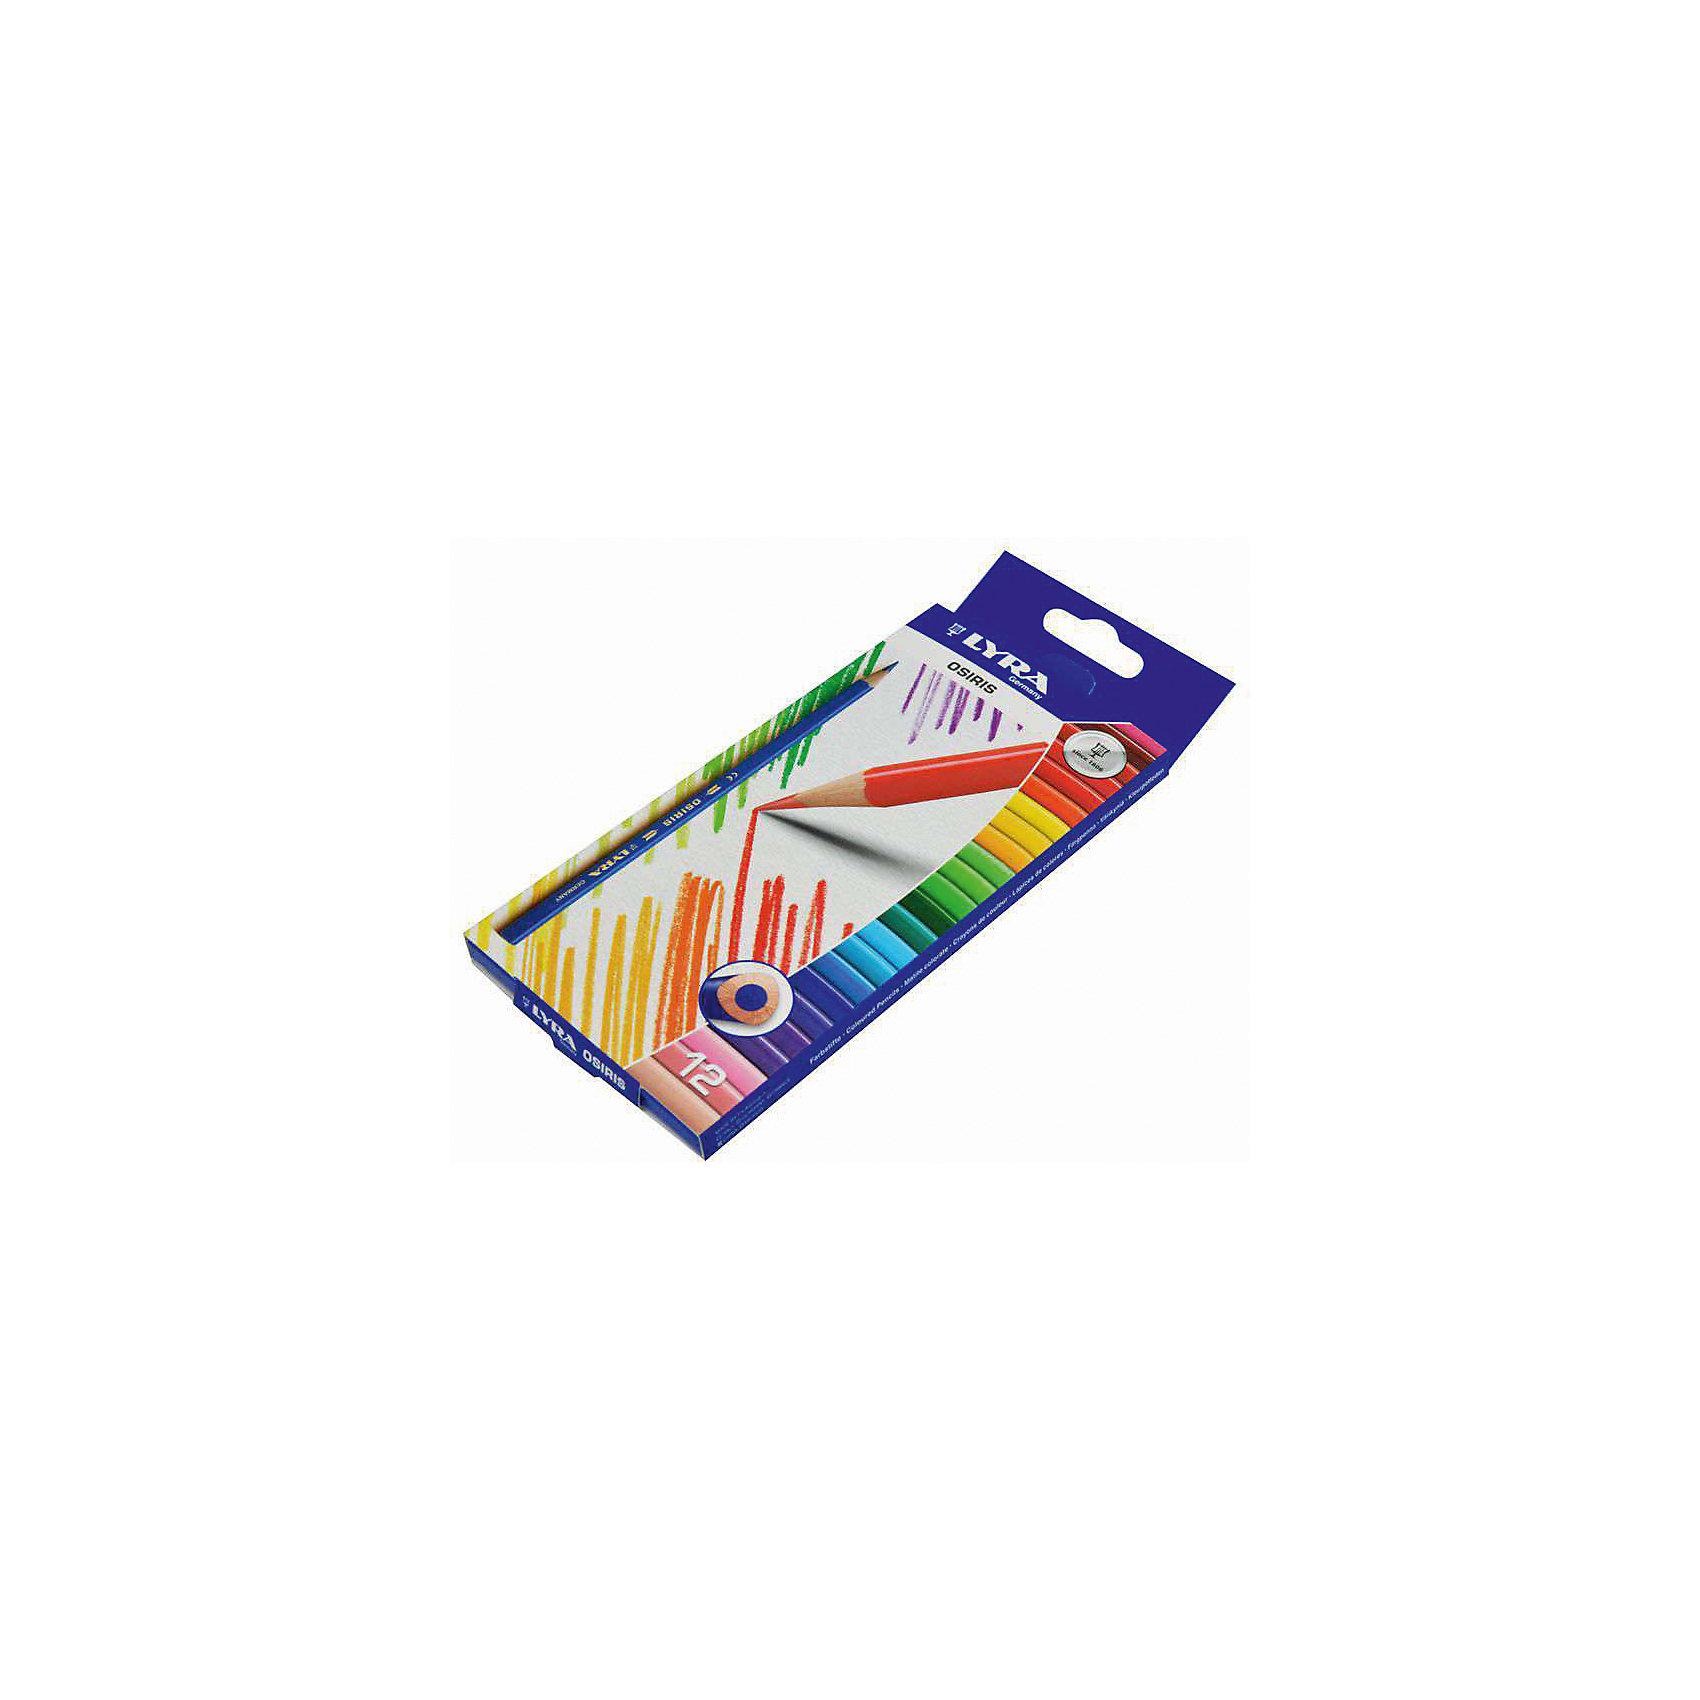 Цветные треугольные карандаши, 12 шт.Письменные принадлежности<br>Характеристики товара:<br><br>• в комплекте: 12 карандашей (12 цветов);<br>• диаметр грифеля: 2,8 мм;<br>• размер упаковки: 17х2х6 см;<br>• вес: 40 грамм;<br>• возраст: от 3 лет.<br><br>Набор Lyra OSIRIS состоит из 12 карандашей с треугольным сечением. Карандаши удобны для детских ручек, поэтому они подходят и для самых маленьких художников. Высококачественные материалы обеспечивают мягкое рисование и насыщенные цвета линий. Грифель устойчив к падениям и механическим повреждениям. Карандаши изготовлены из экологически чистой древесины.<br><br>Lyra (Лира) OSIRIS 12цв.цветные карандаши, треуг.сечение можно купить в нашем интернет-магазине.<br><br>Ширина мм: 212<br>Глубина мм: 90<br>Высота мм: 10<br>Вес г: 79<br>Возраст от месяцев: 60<br>Возраст до месяцев: 1200<br>Пол: Унисекс<br>Возраст: Детский<br>SKU: 1612366